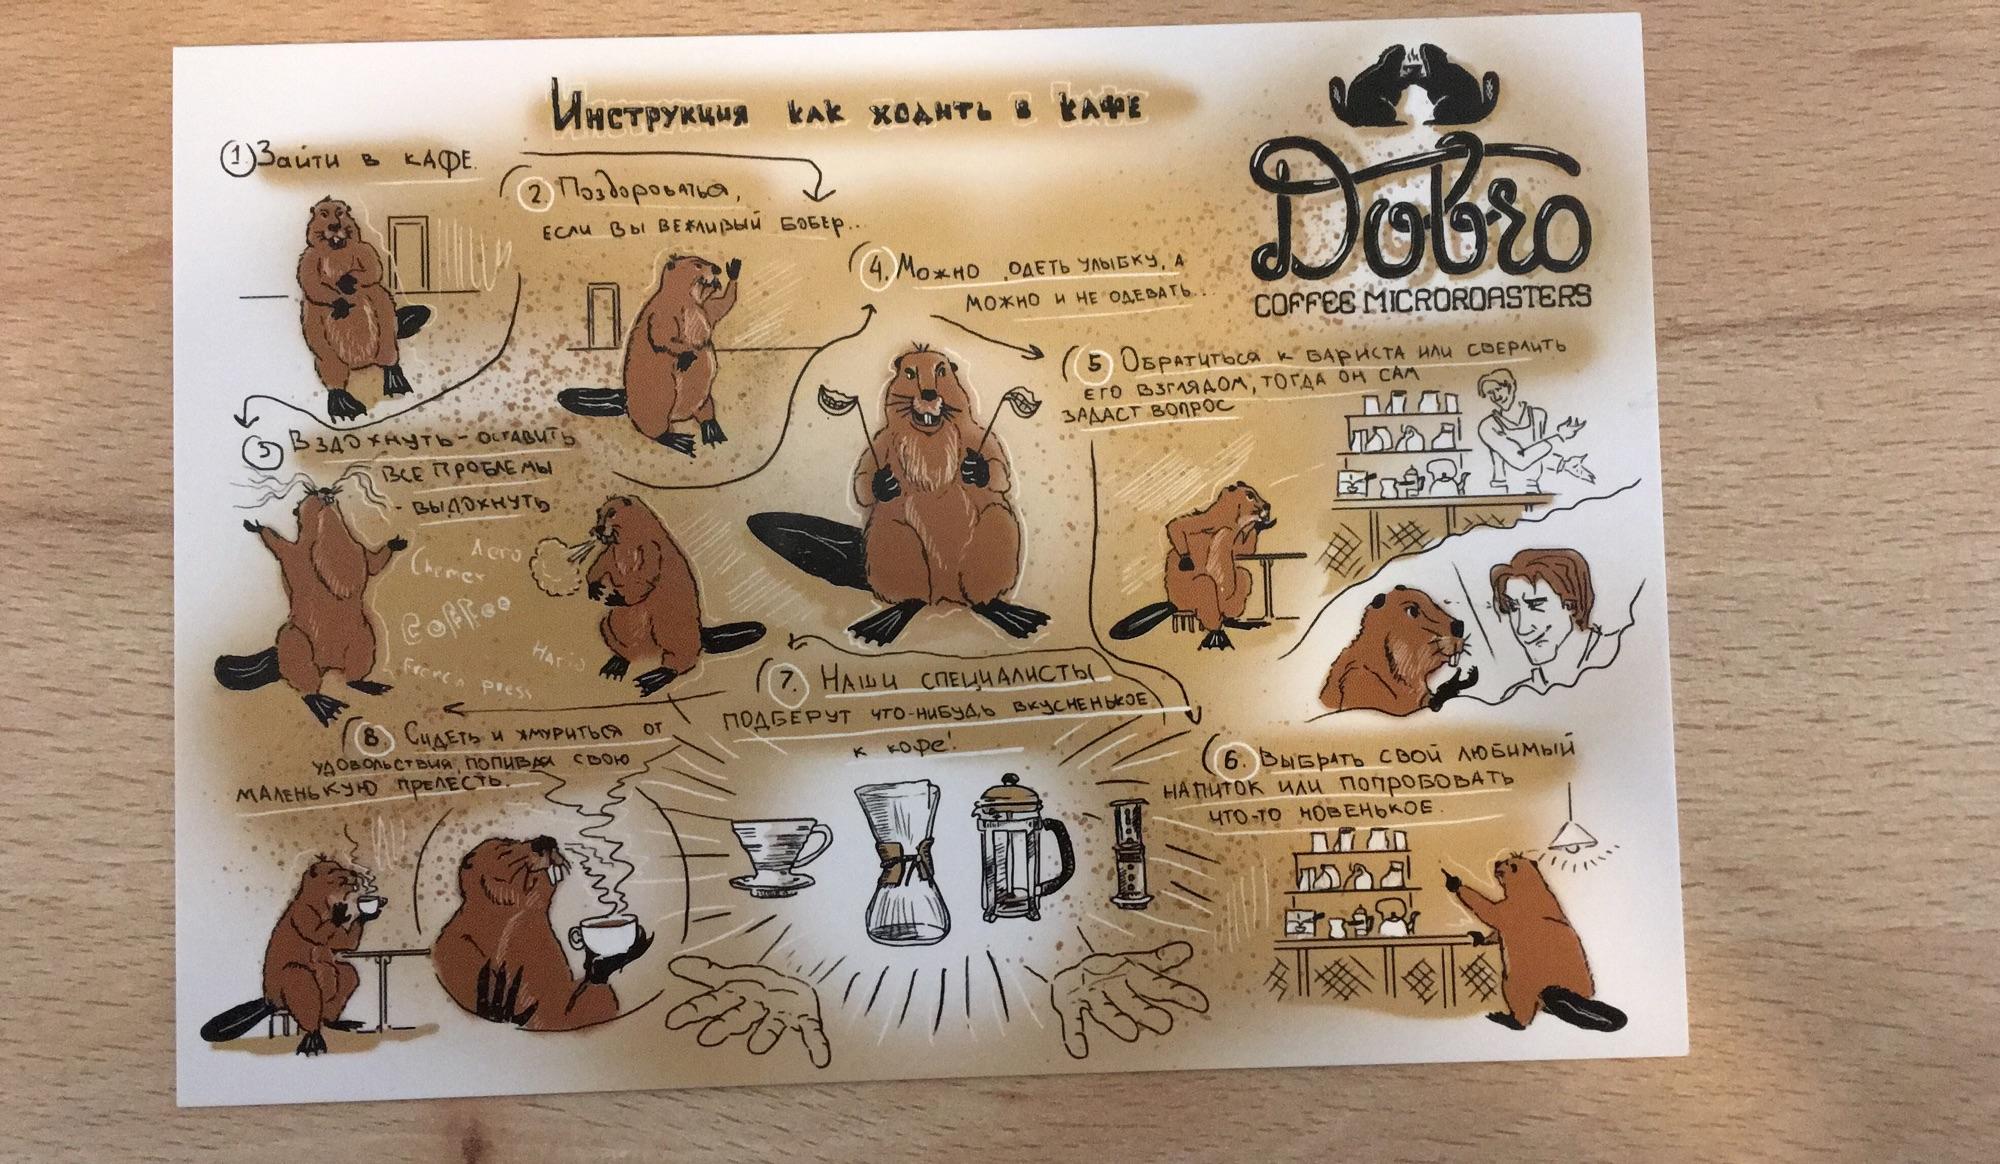 Любимую кофейню возле офиса перекупили, теперь они называются «добро» и раздают вот такие открытки. Кофе вроде неплохой, посмотрим.